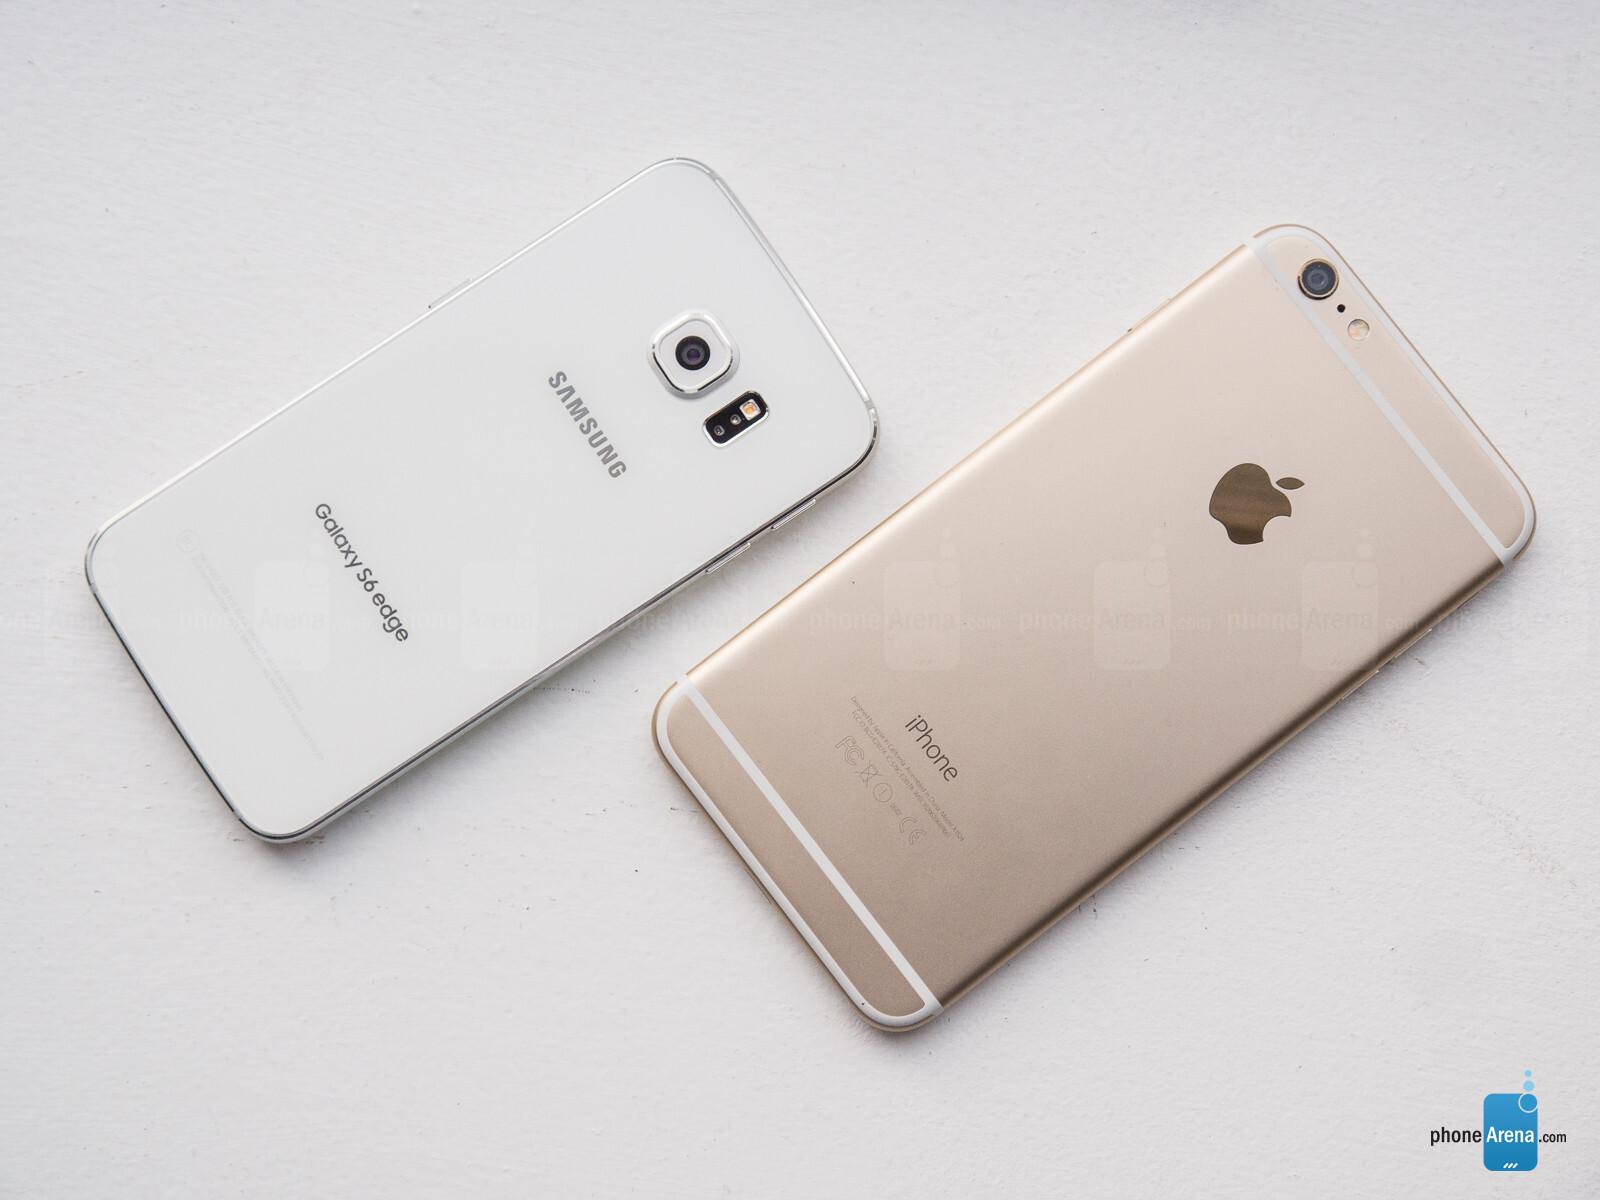 От Galaxy S6 и Galaxy S6 edge ждали очень многого. Новый дизайн, топовый процессор, металлический корпус и… новая камера. Сможет ли она затмить камеру главного конкурента трубки Samsung –  iPhone 6?